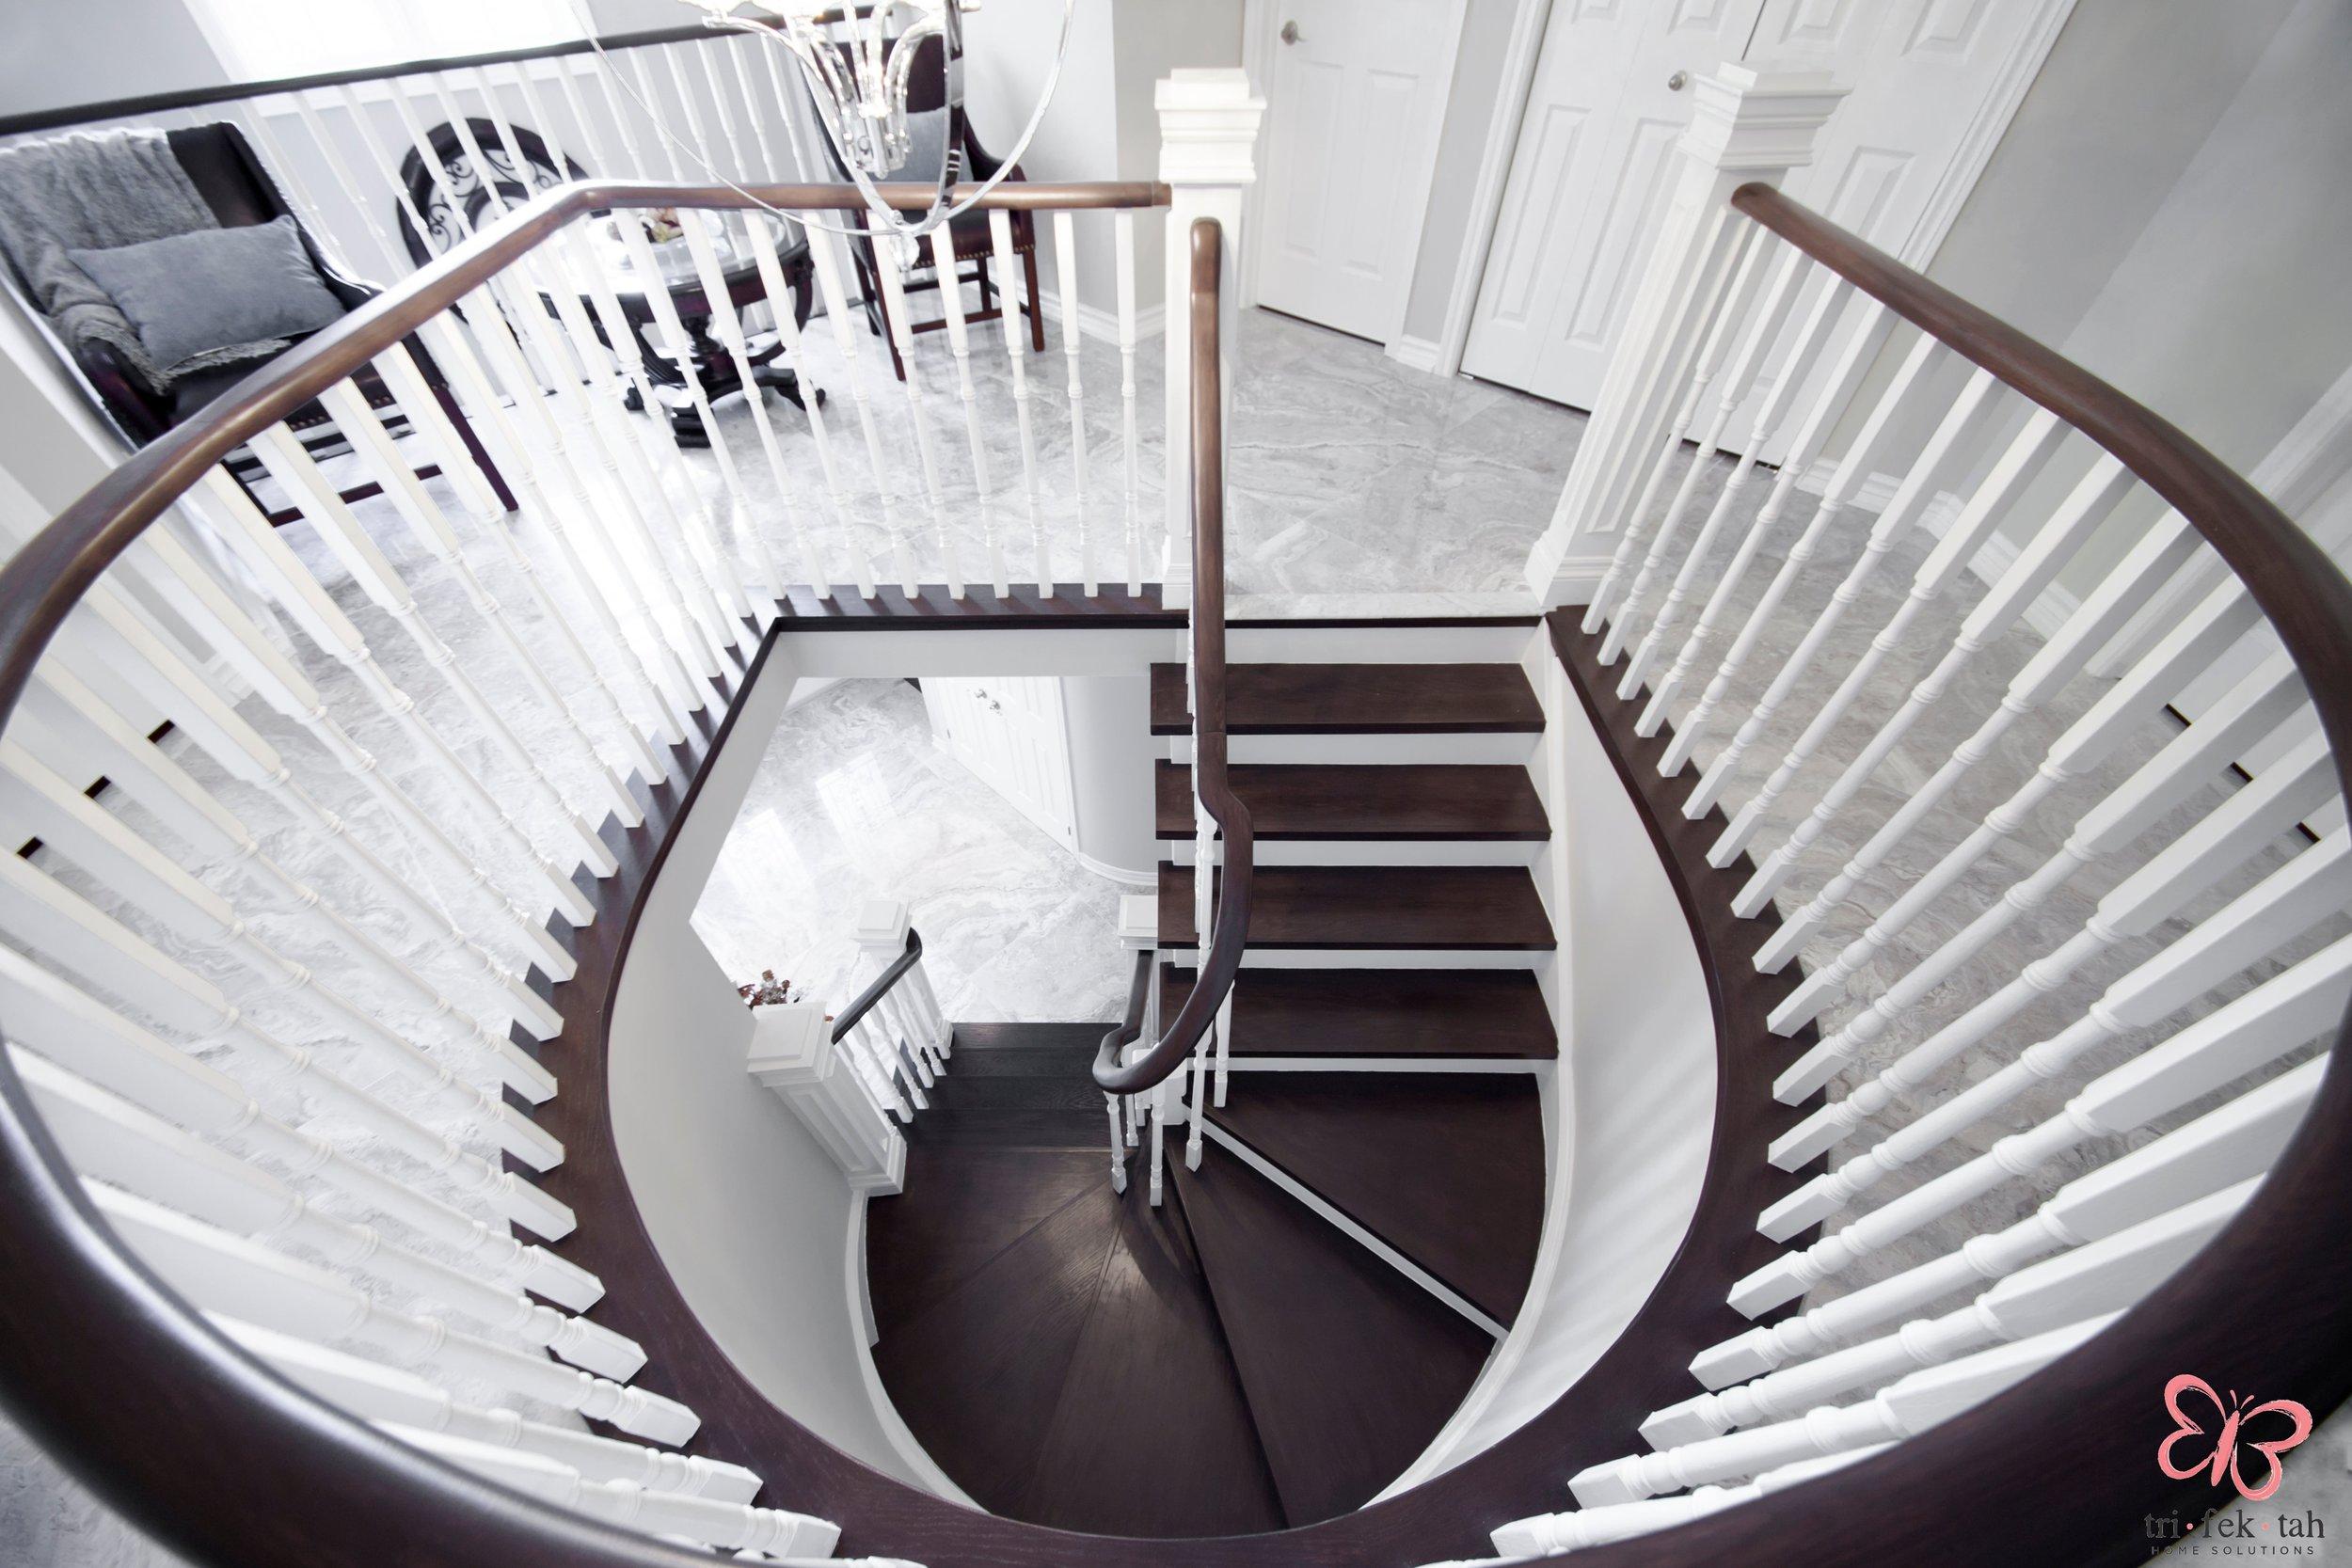 Hemmingway-stairs3.jpg